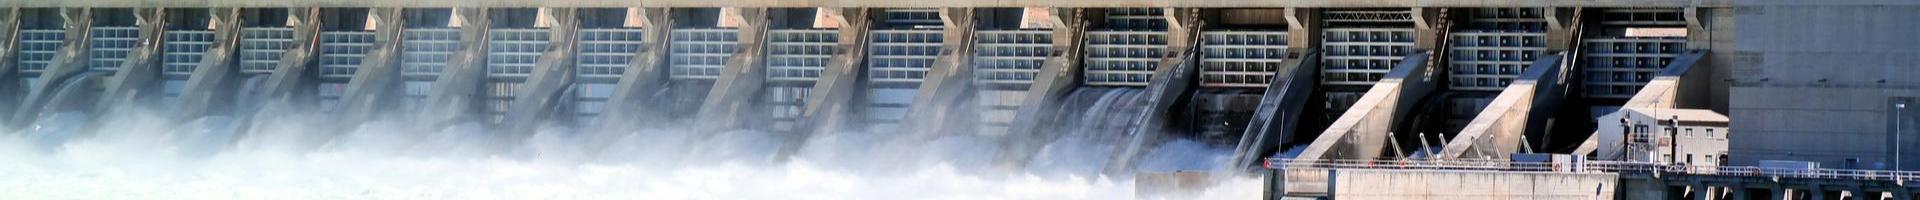 Cursos de E. Renovables ingenieromarino.com